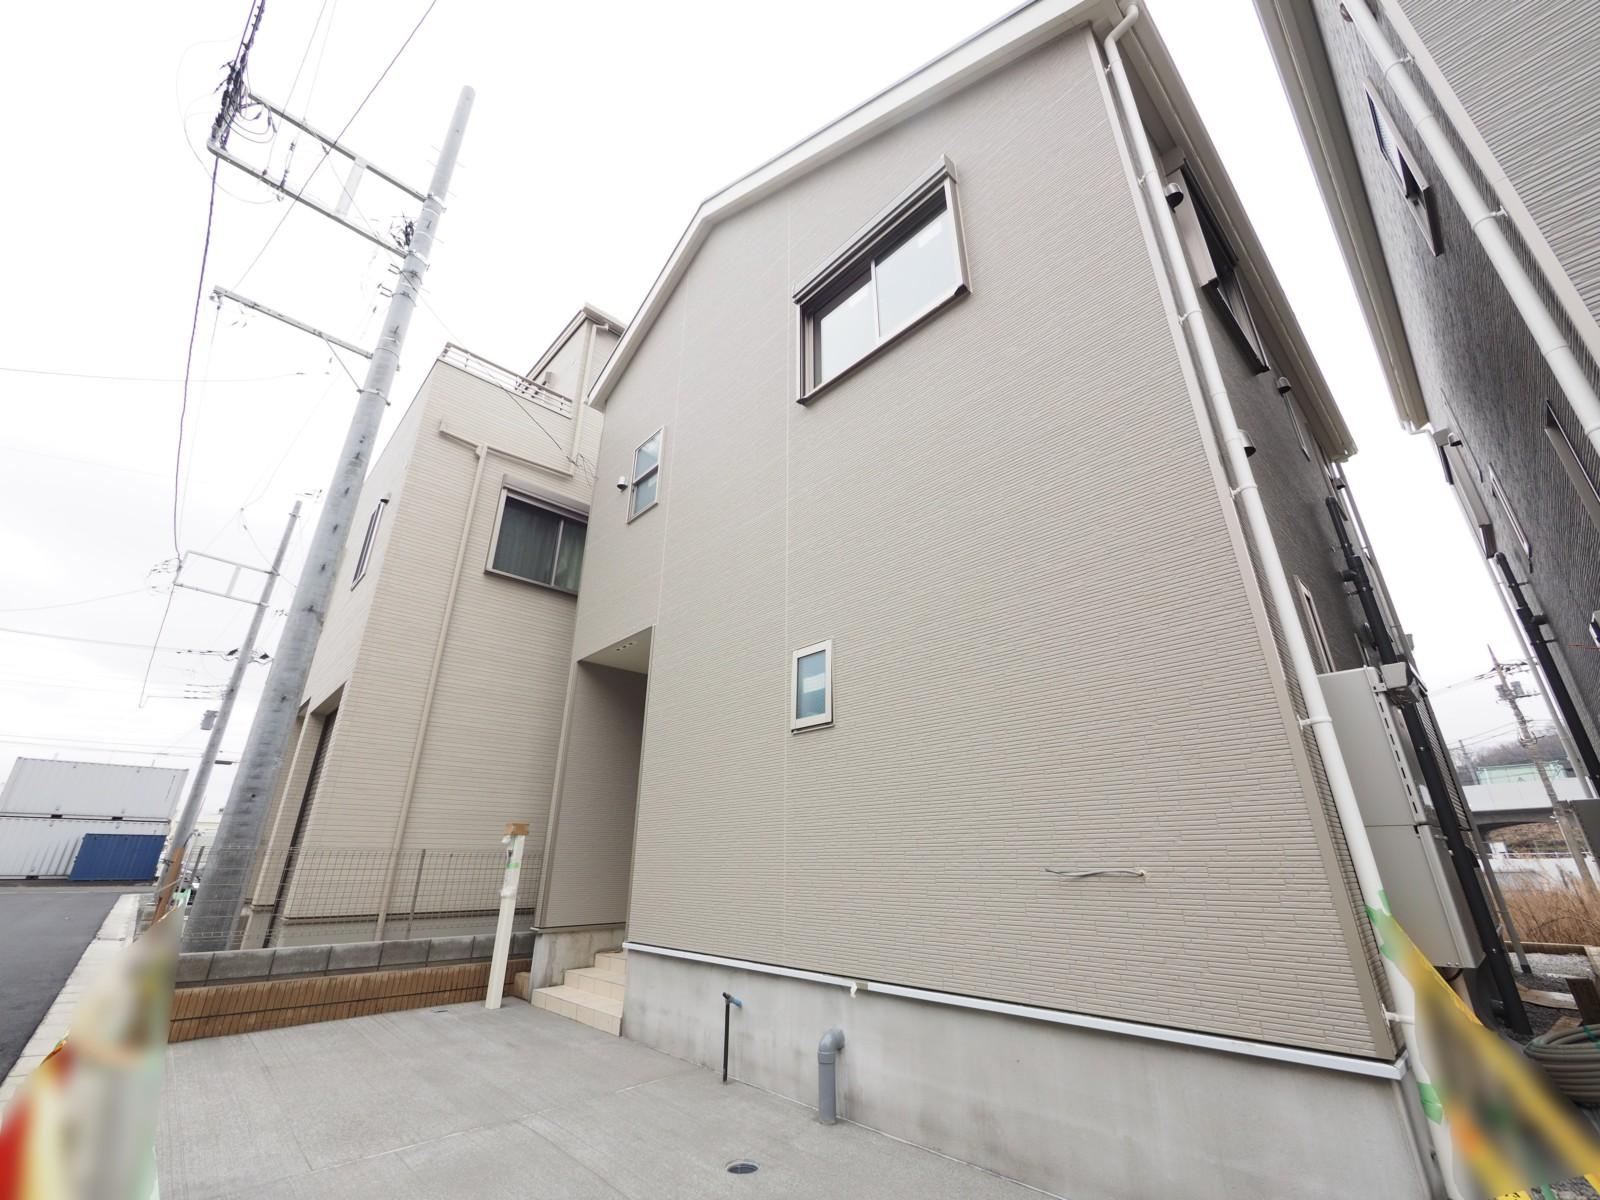 新築戸建 JR南武線「南多摩」駅徒歩5分・対面キッチンでリビング18帖の4LDK・全室2面採光 イメージ